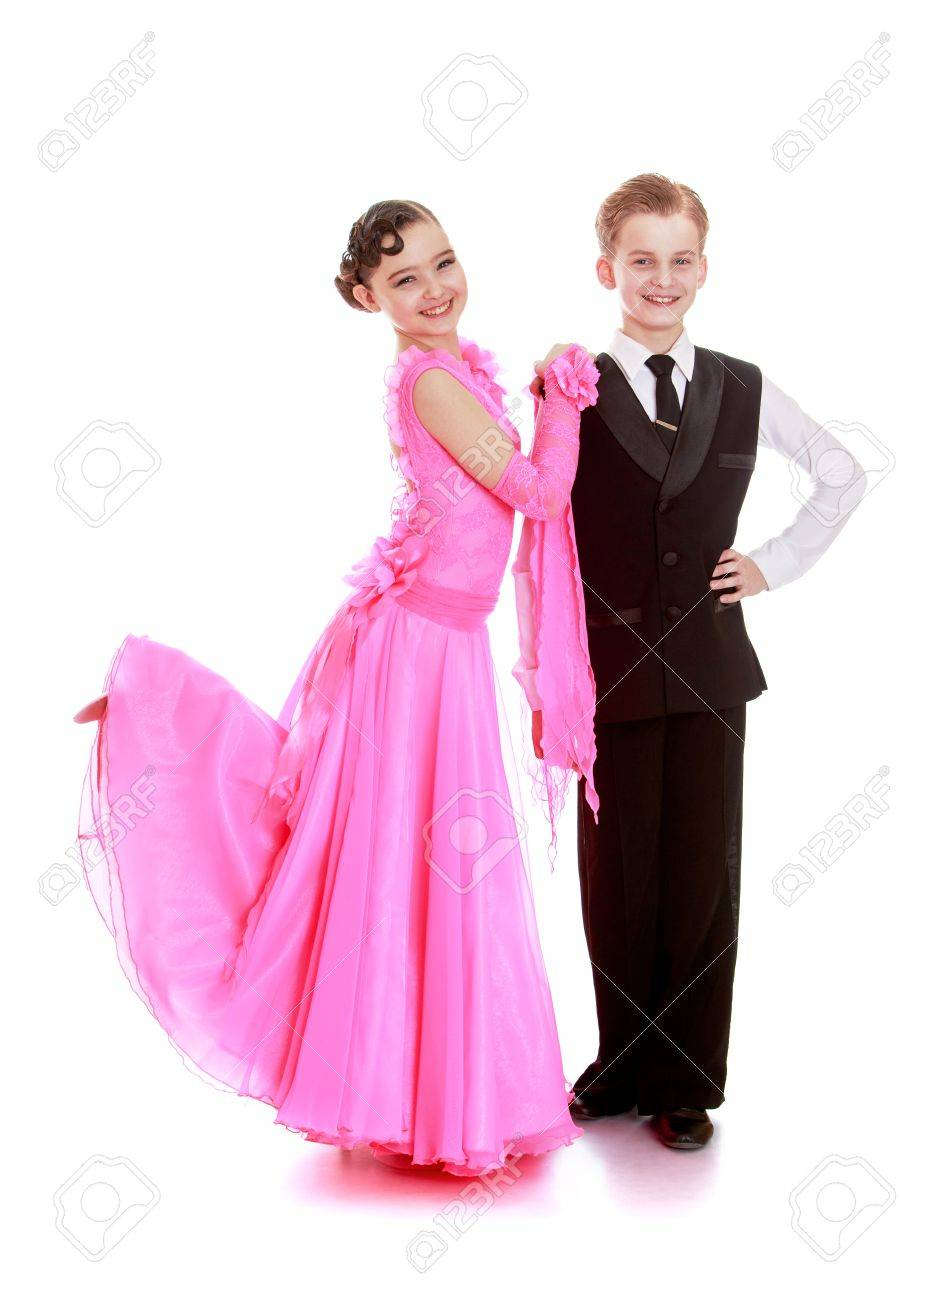 Asombroso Traje Gris De Baile Ilustración - Colección de Vestidos de ...